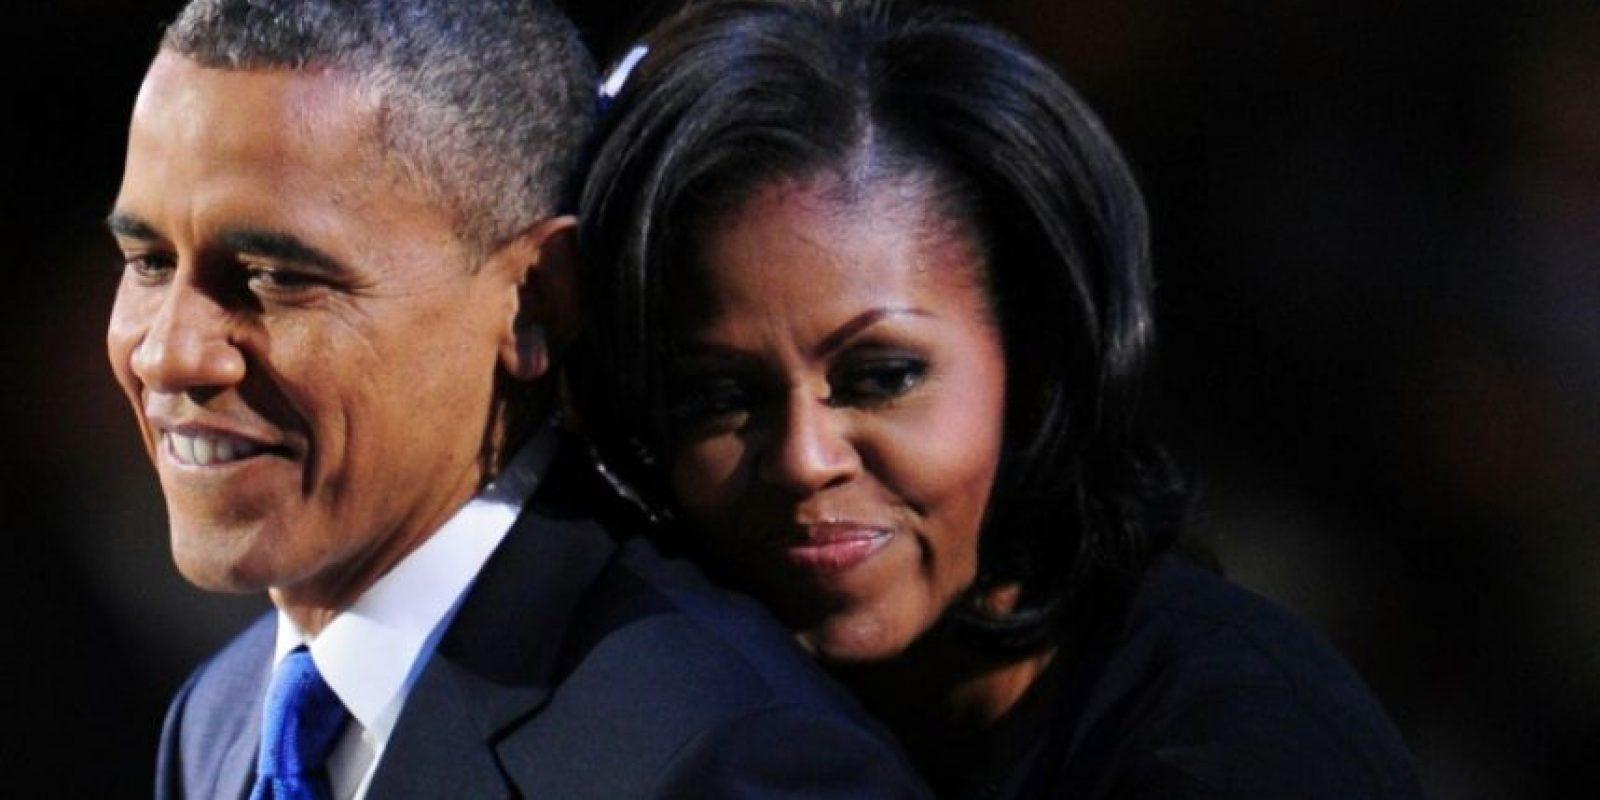 Barack y Michelle Obama se abrazan tras el discursod e aceptación del nuevo presidente de EEUU, el 7 de noviembre de 2012 en Chicago Foto:Robyn Beck/afp.com